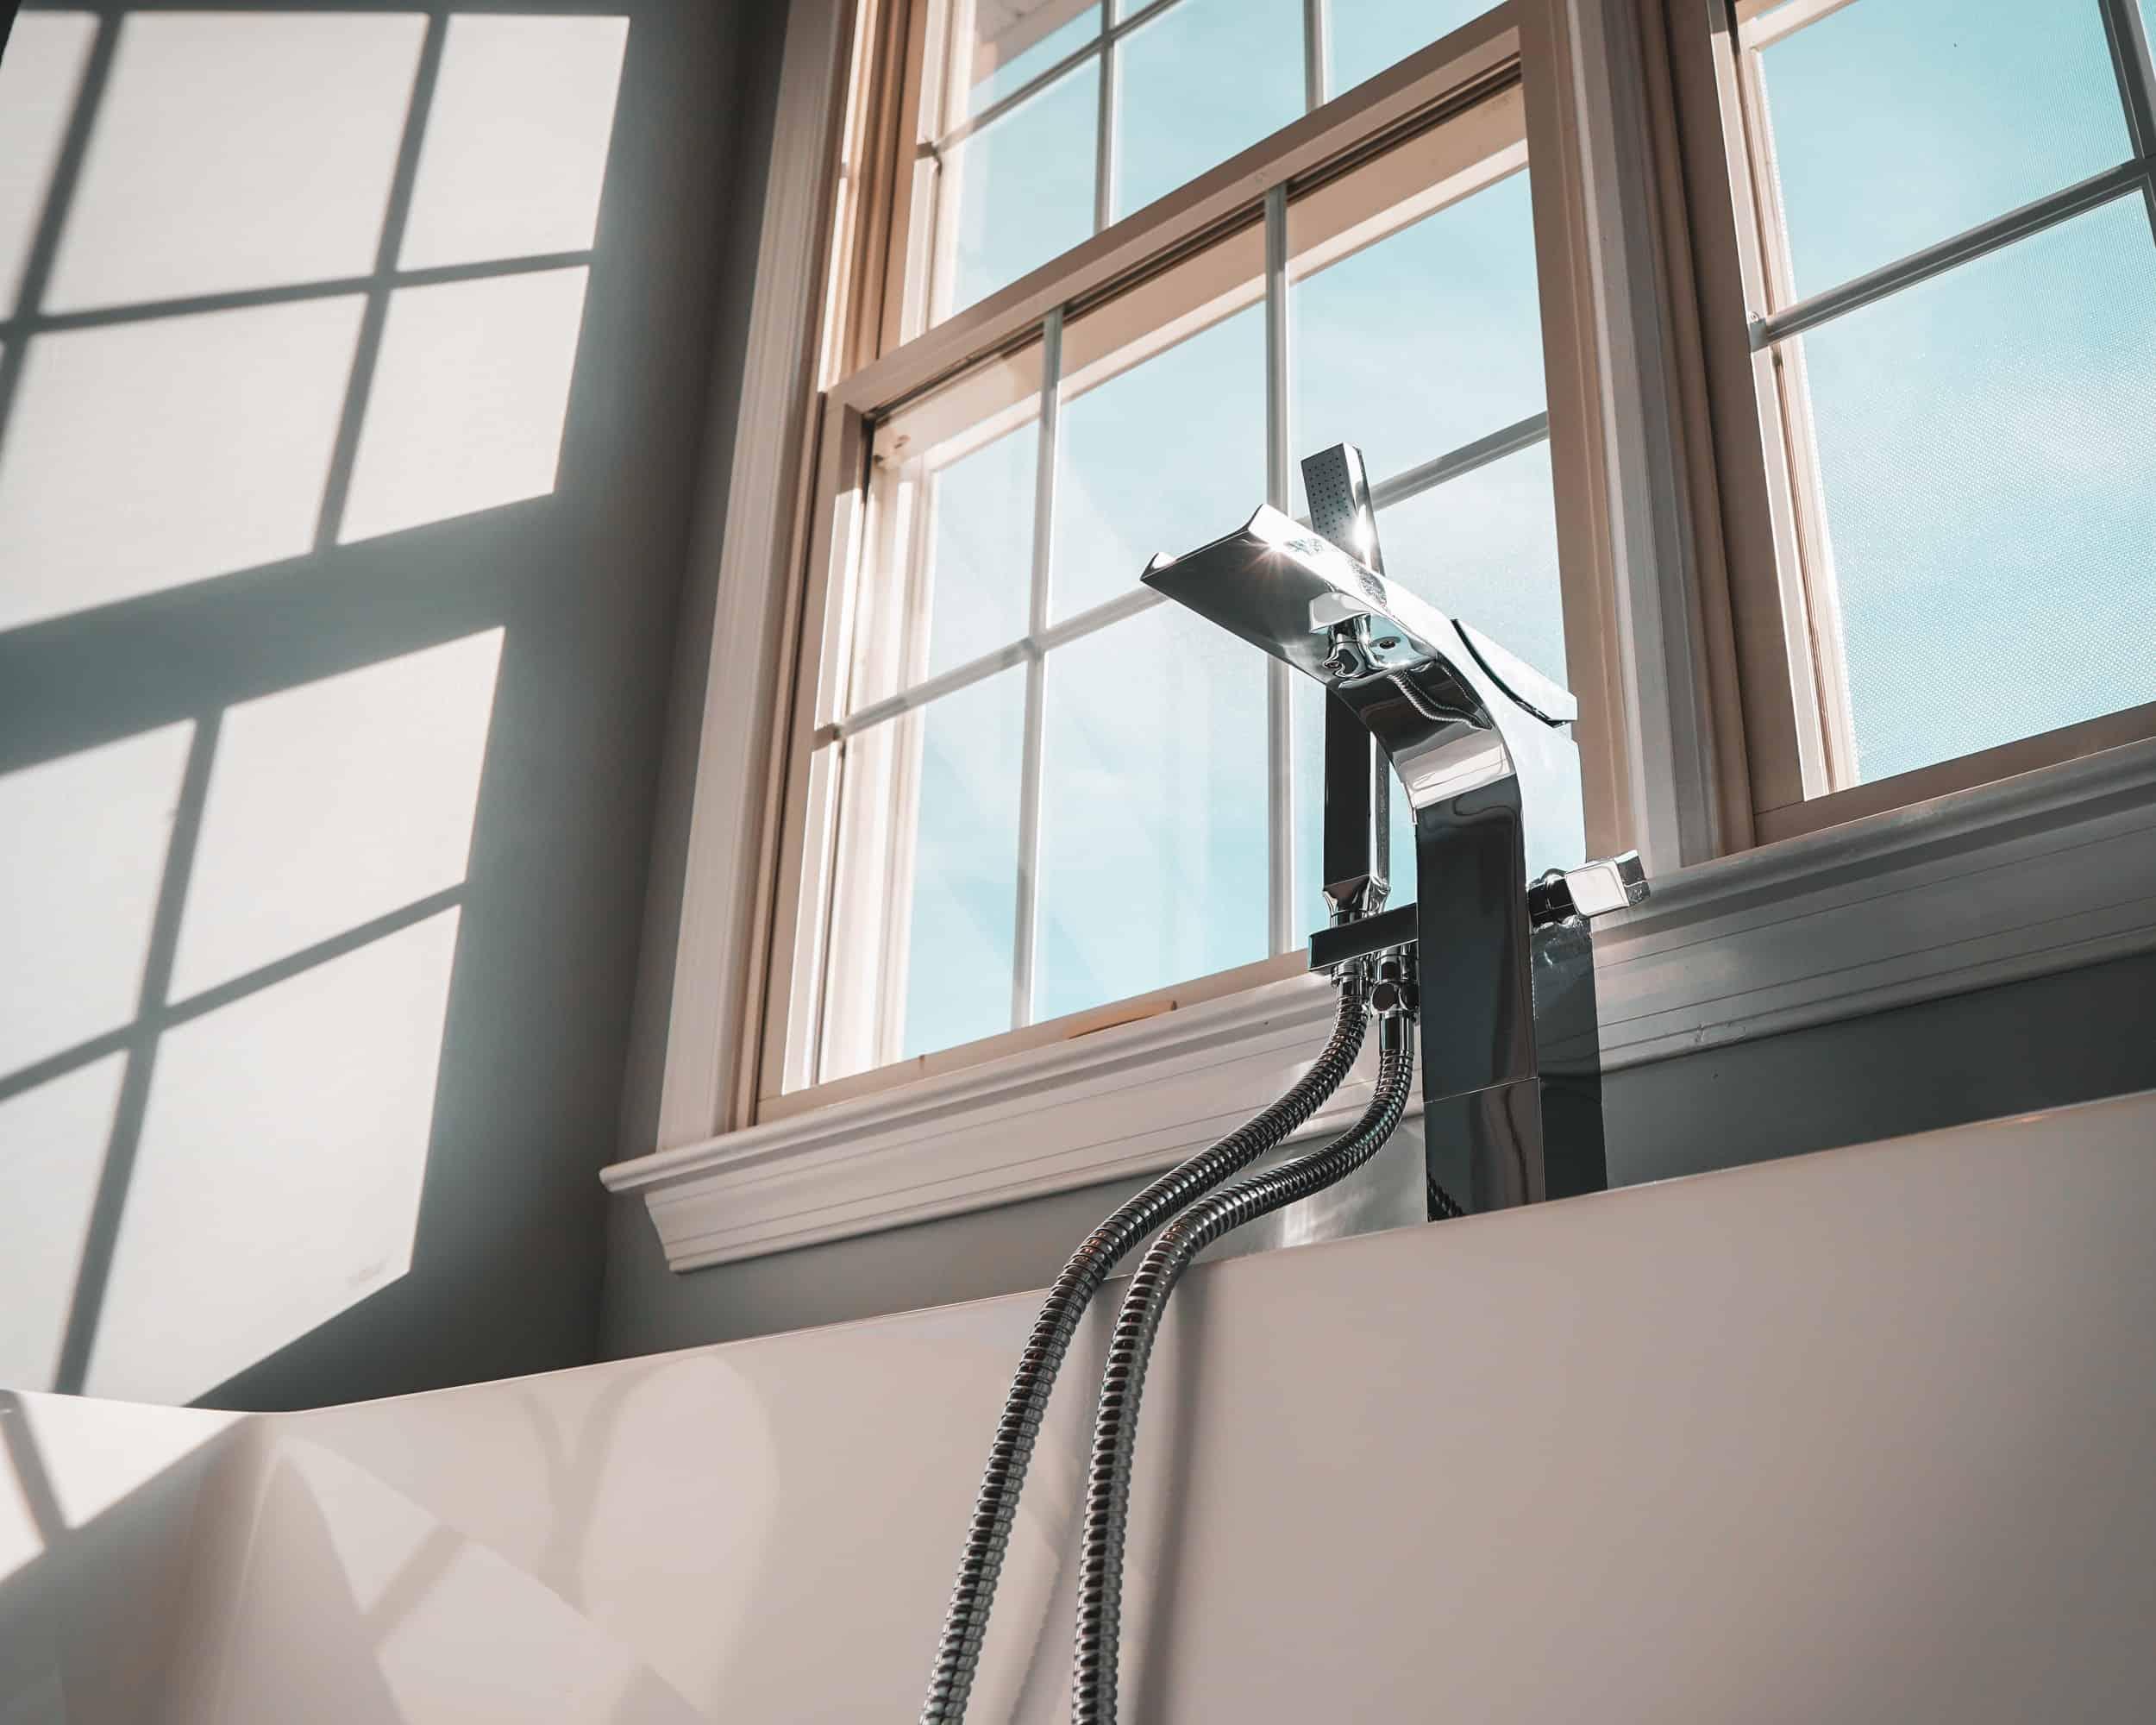 Full Size of Duschsäulen Duschpaneel Test Empfehlungen 04 20 Dusche Duschsäulen